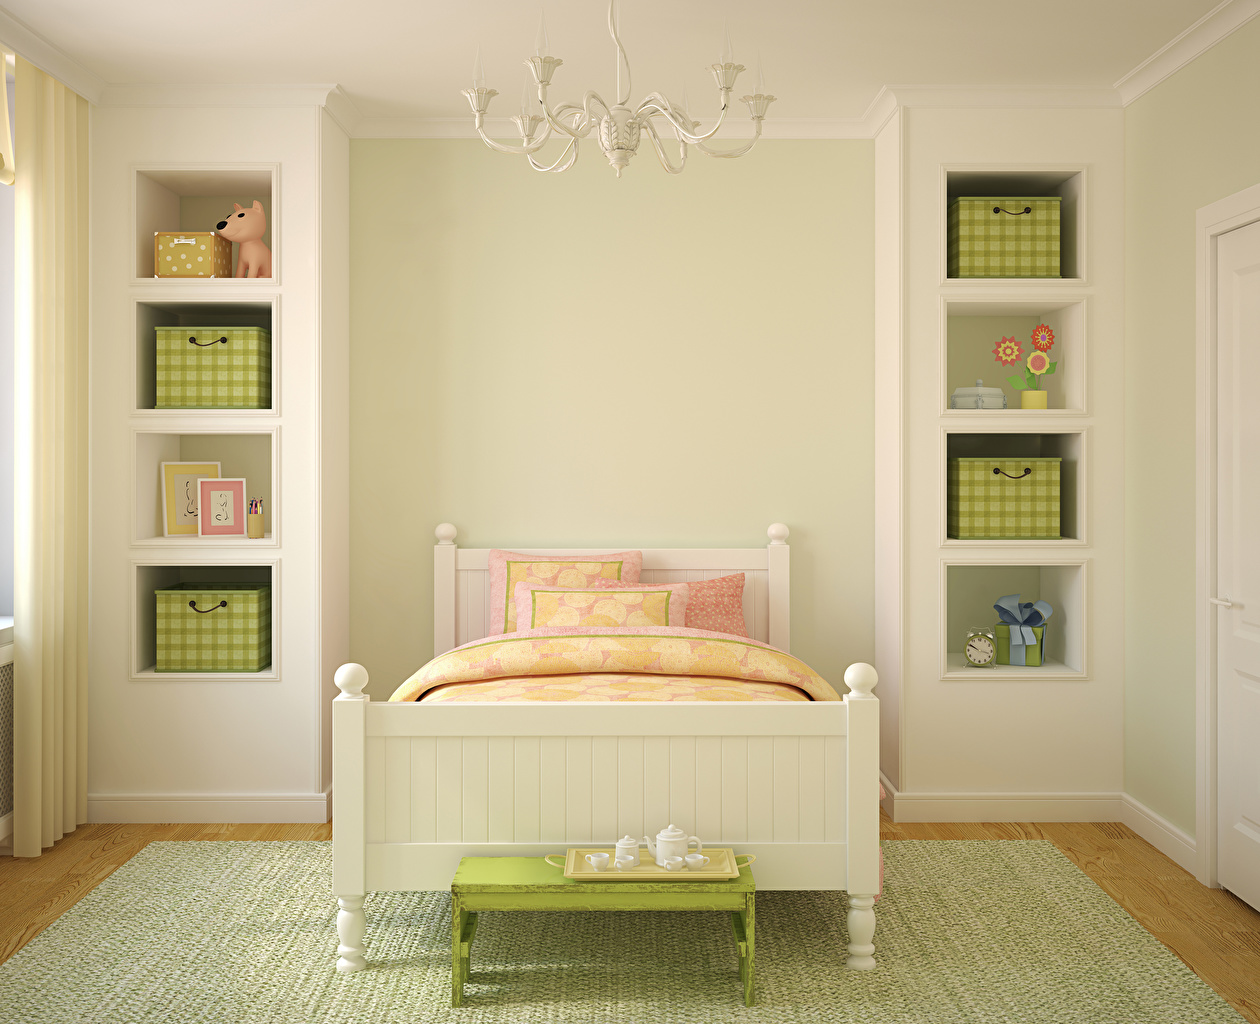 Фотографии Детская комната Интерьер Кровать Дизайн